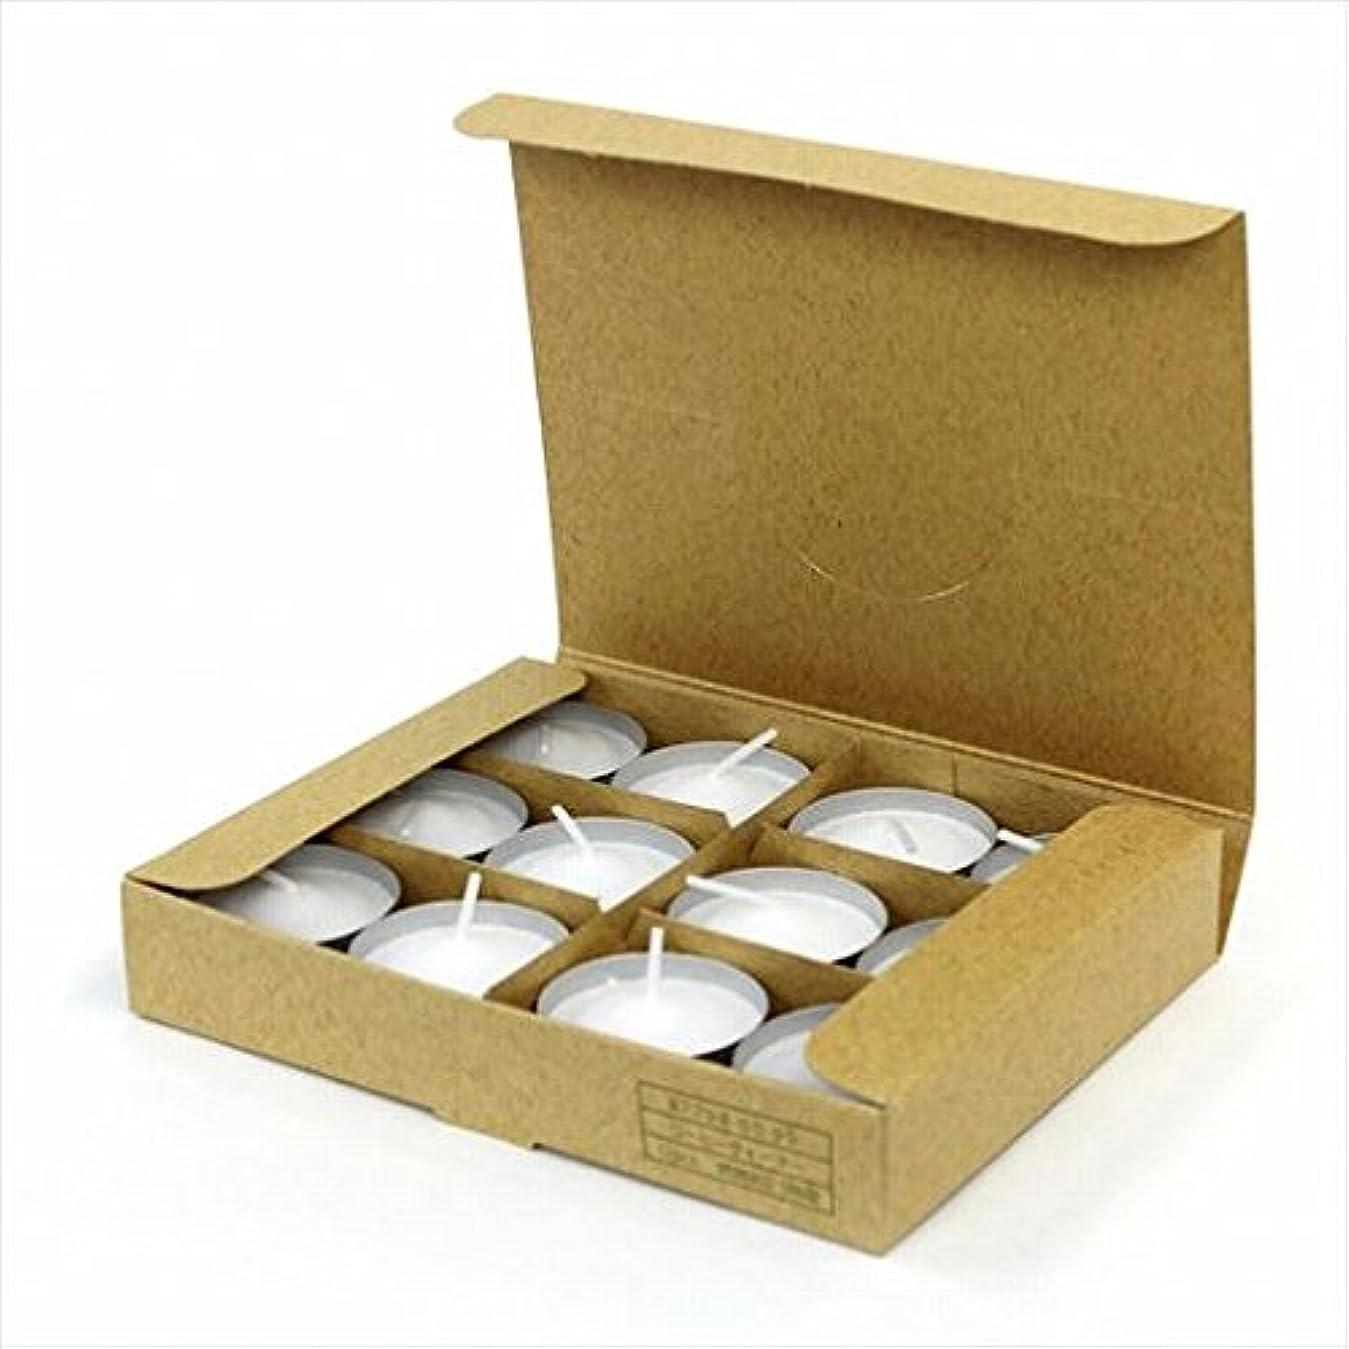 モンク意志に反する噴水カメヤマキャンドル( kameyama candle ) コーヒーウォーマー12個入り(日本製)